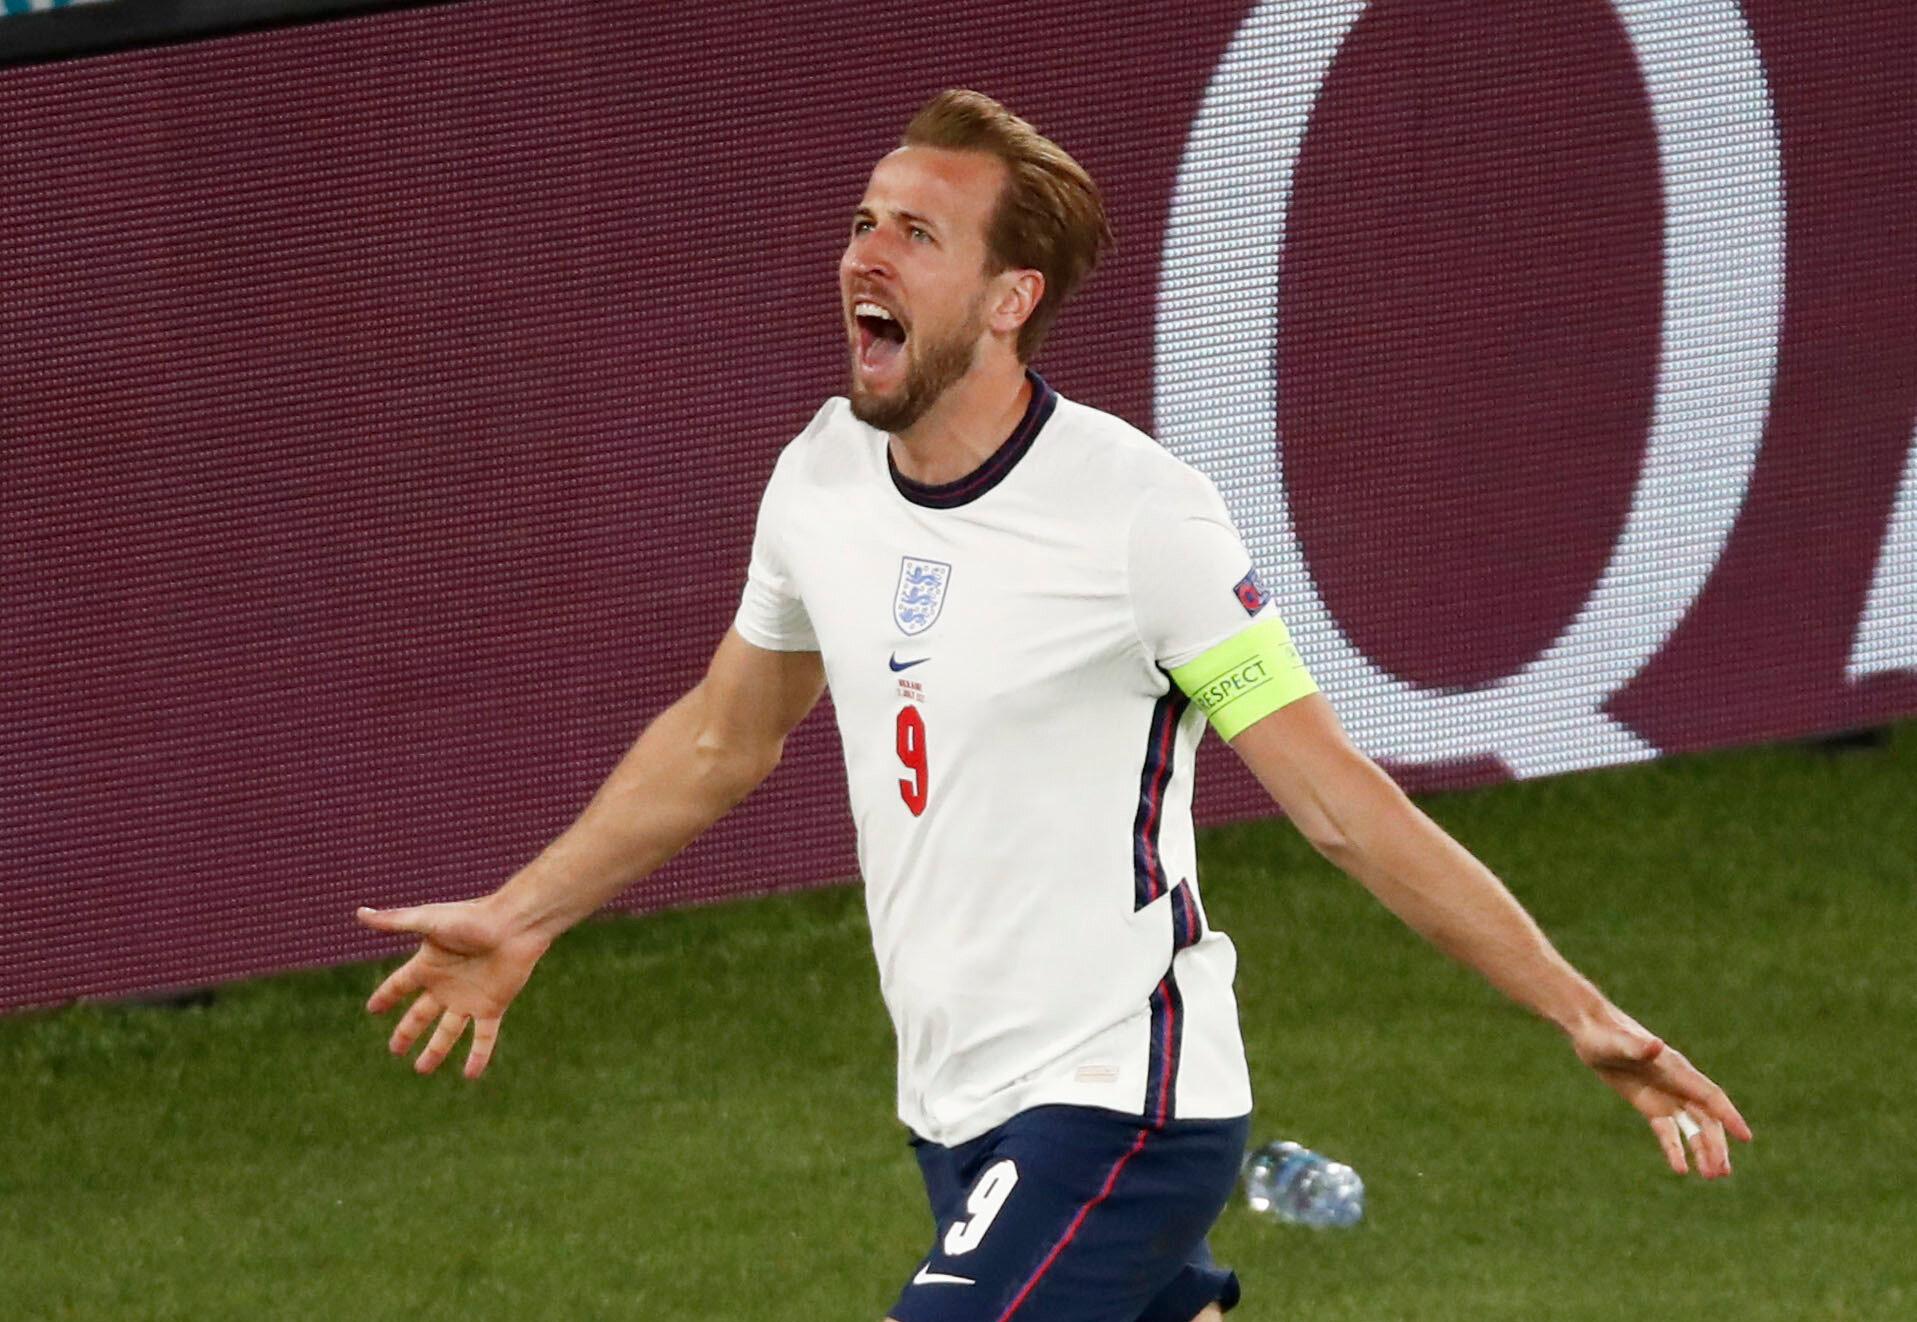 Harry Kane'in attığı gol sonrası yaşadığı sevinç.